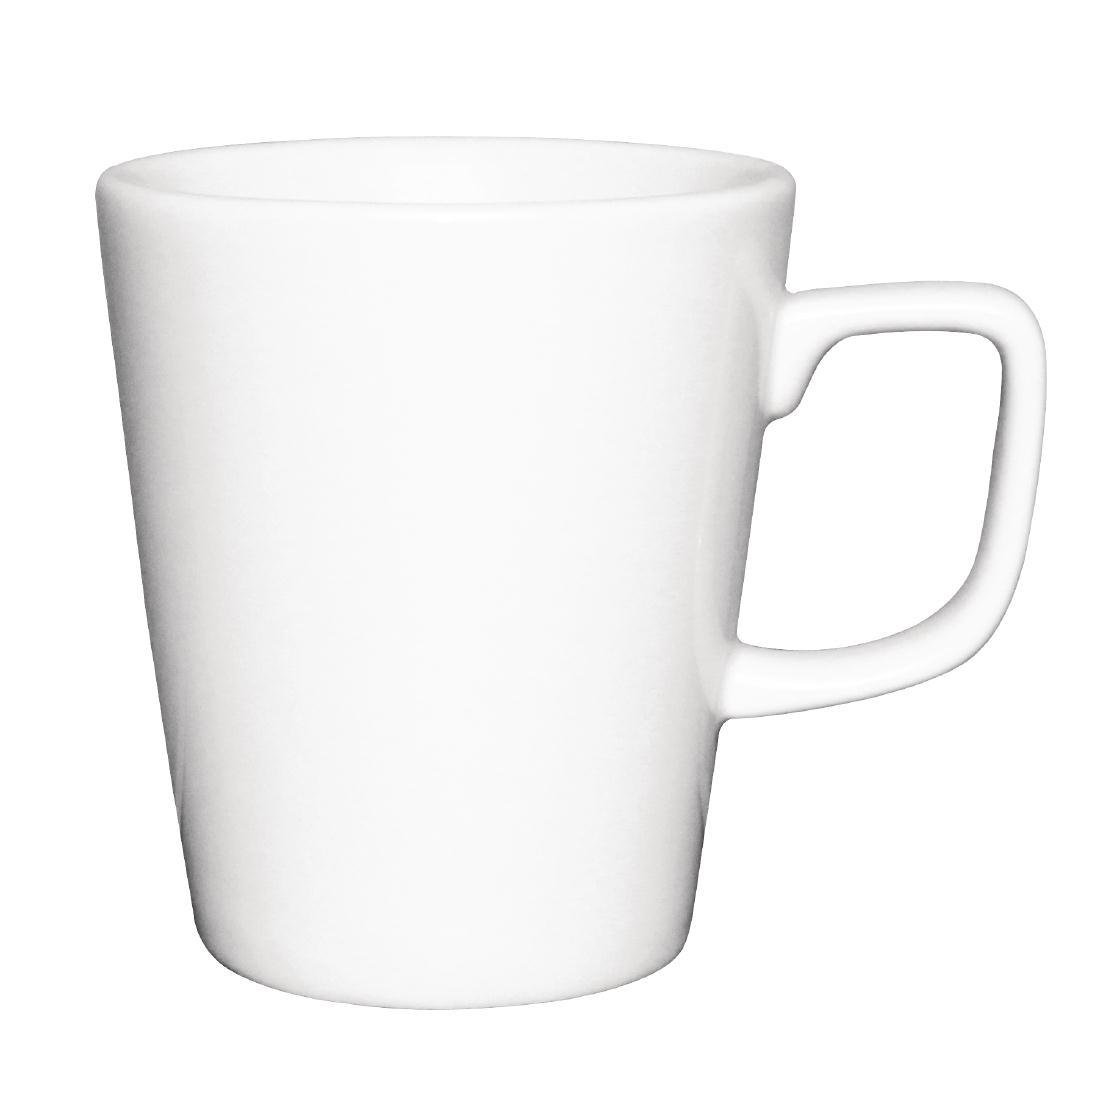 Tasses mugs à café latte Athena Hotelware 285ml par 12